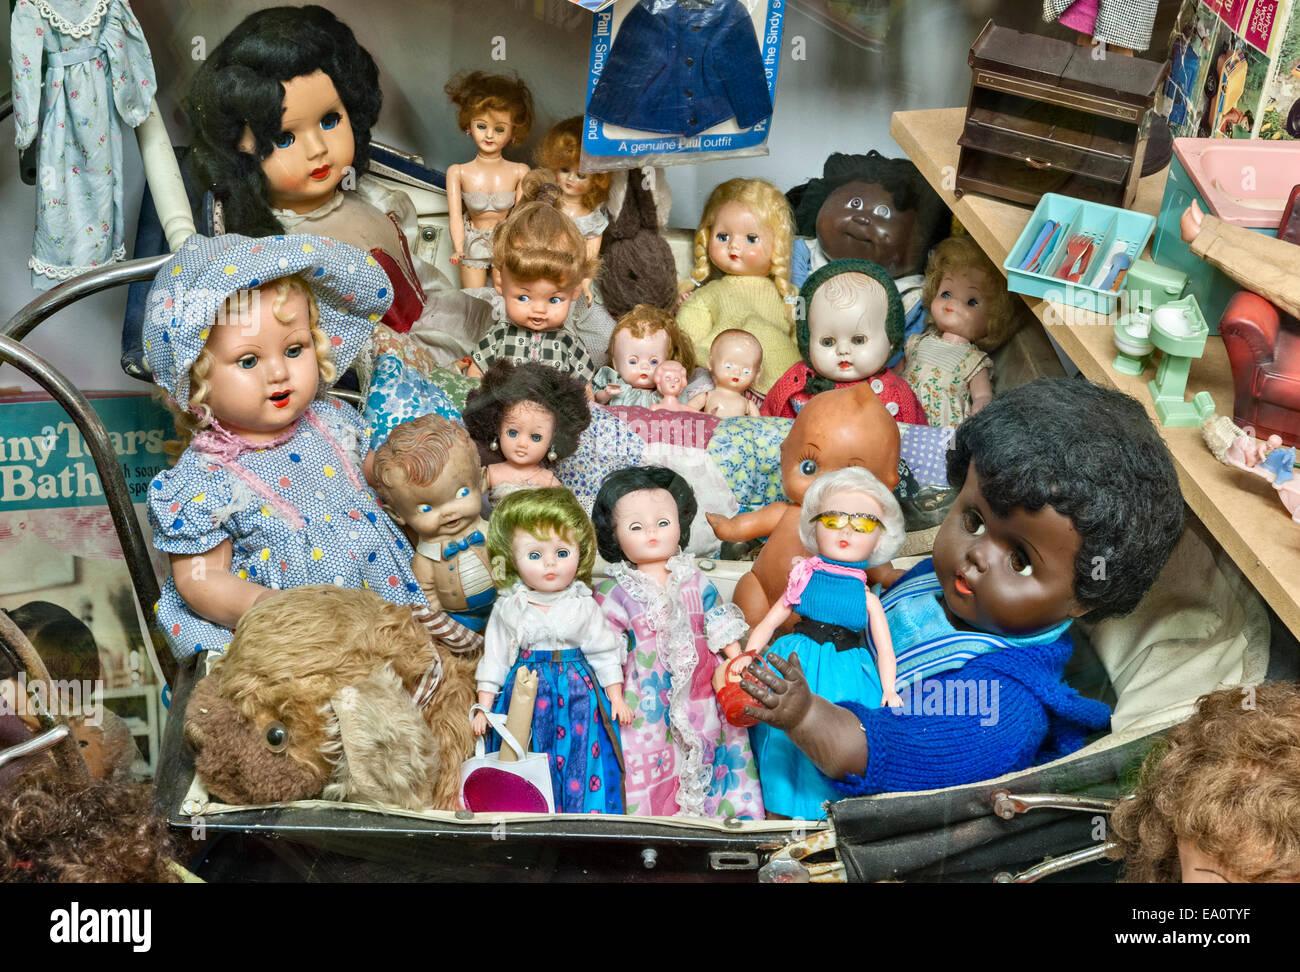 Der Land of Lost Content, ein Museum von 20c britischen Populärkultur, Craven Arms, Shropshire. Puppen Stockbild